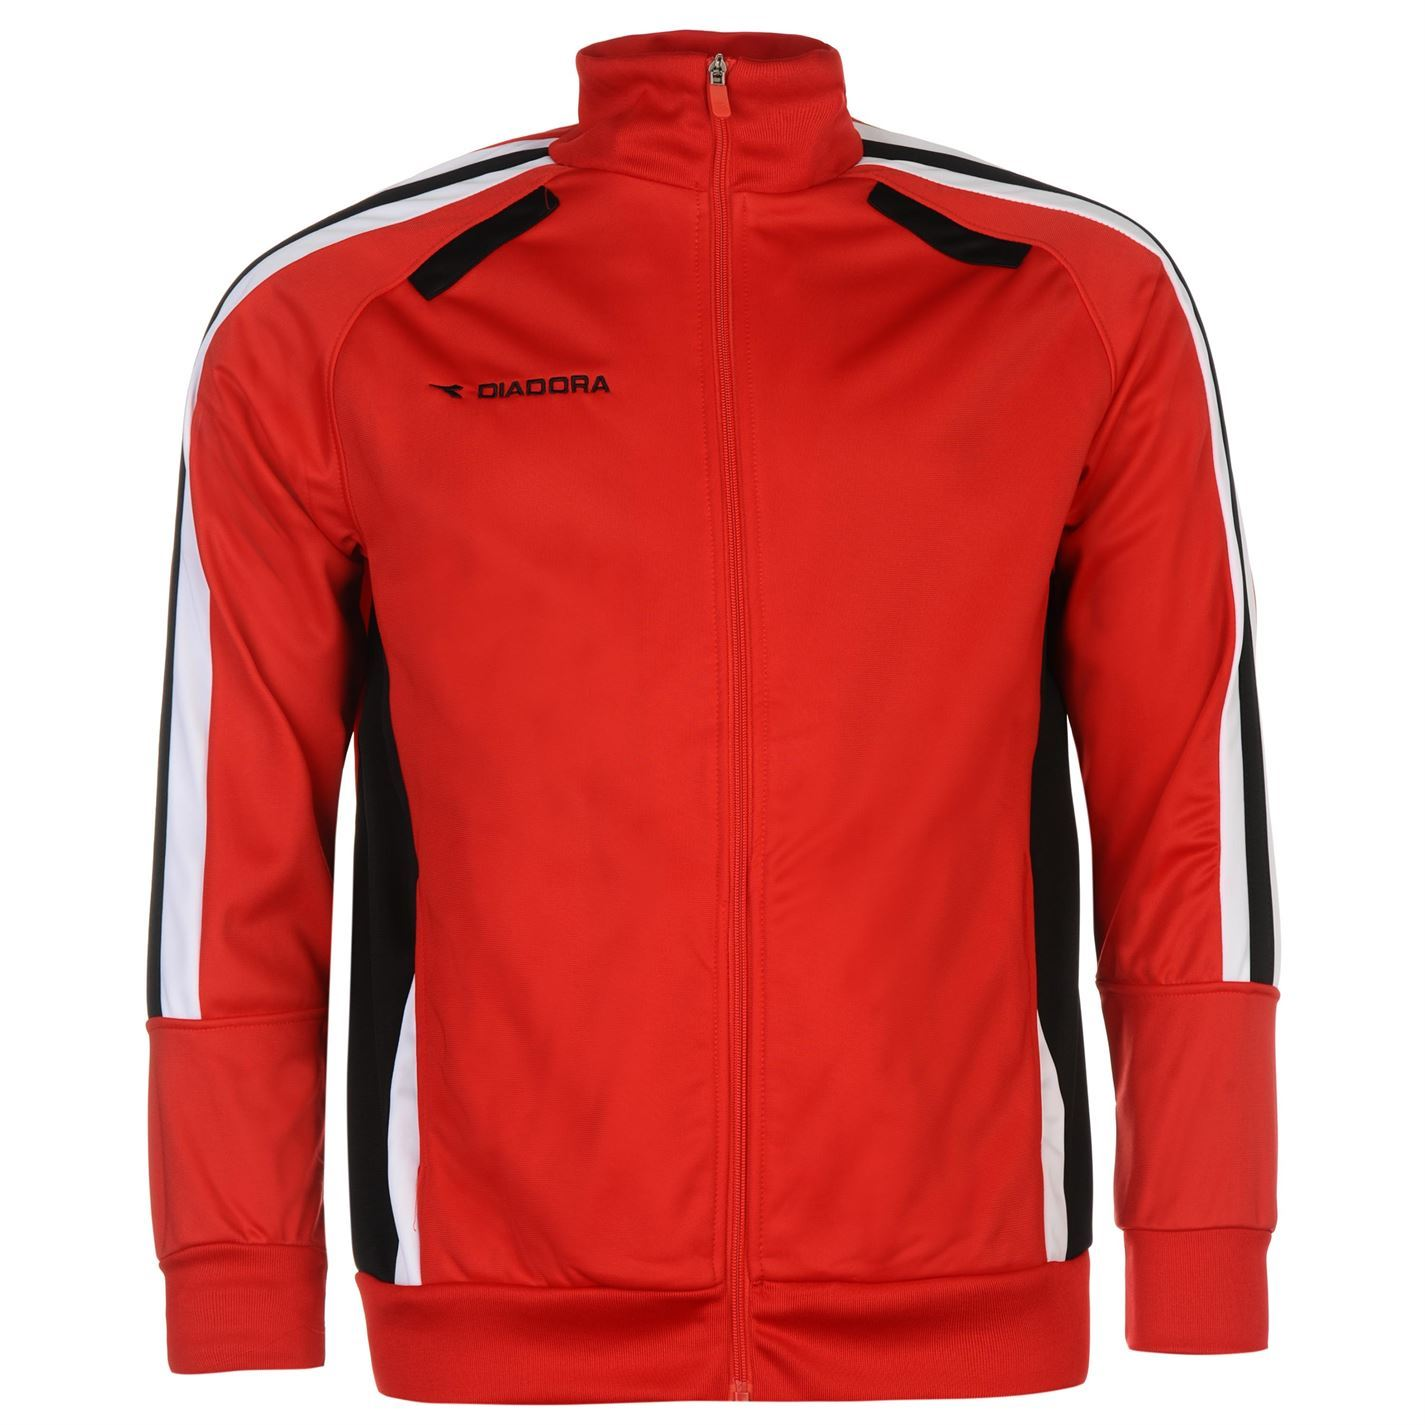 Diadora Cape Town Track Jacket Mens Red Black Zip